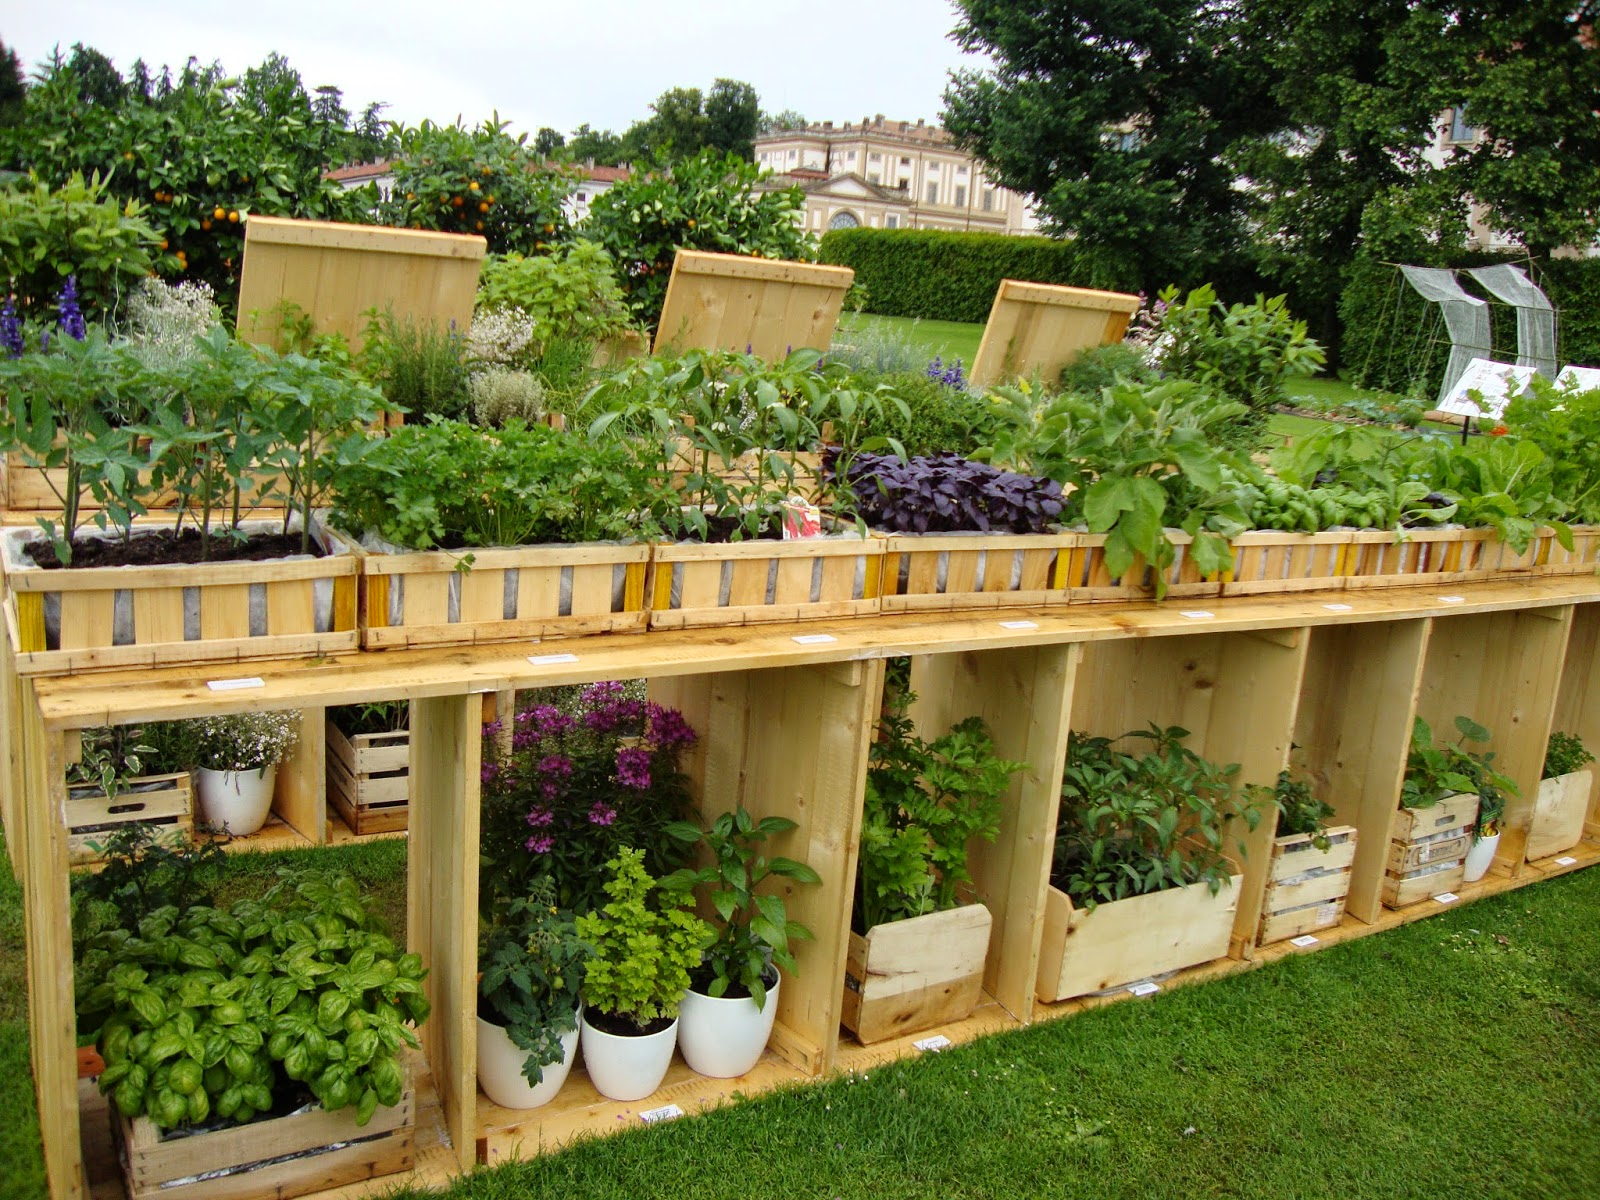 Un piccolo giardino in citt per la festa dei nonni for Allestire un giardino piccolo